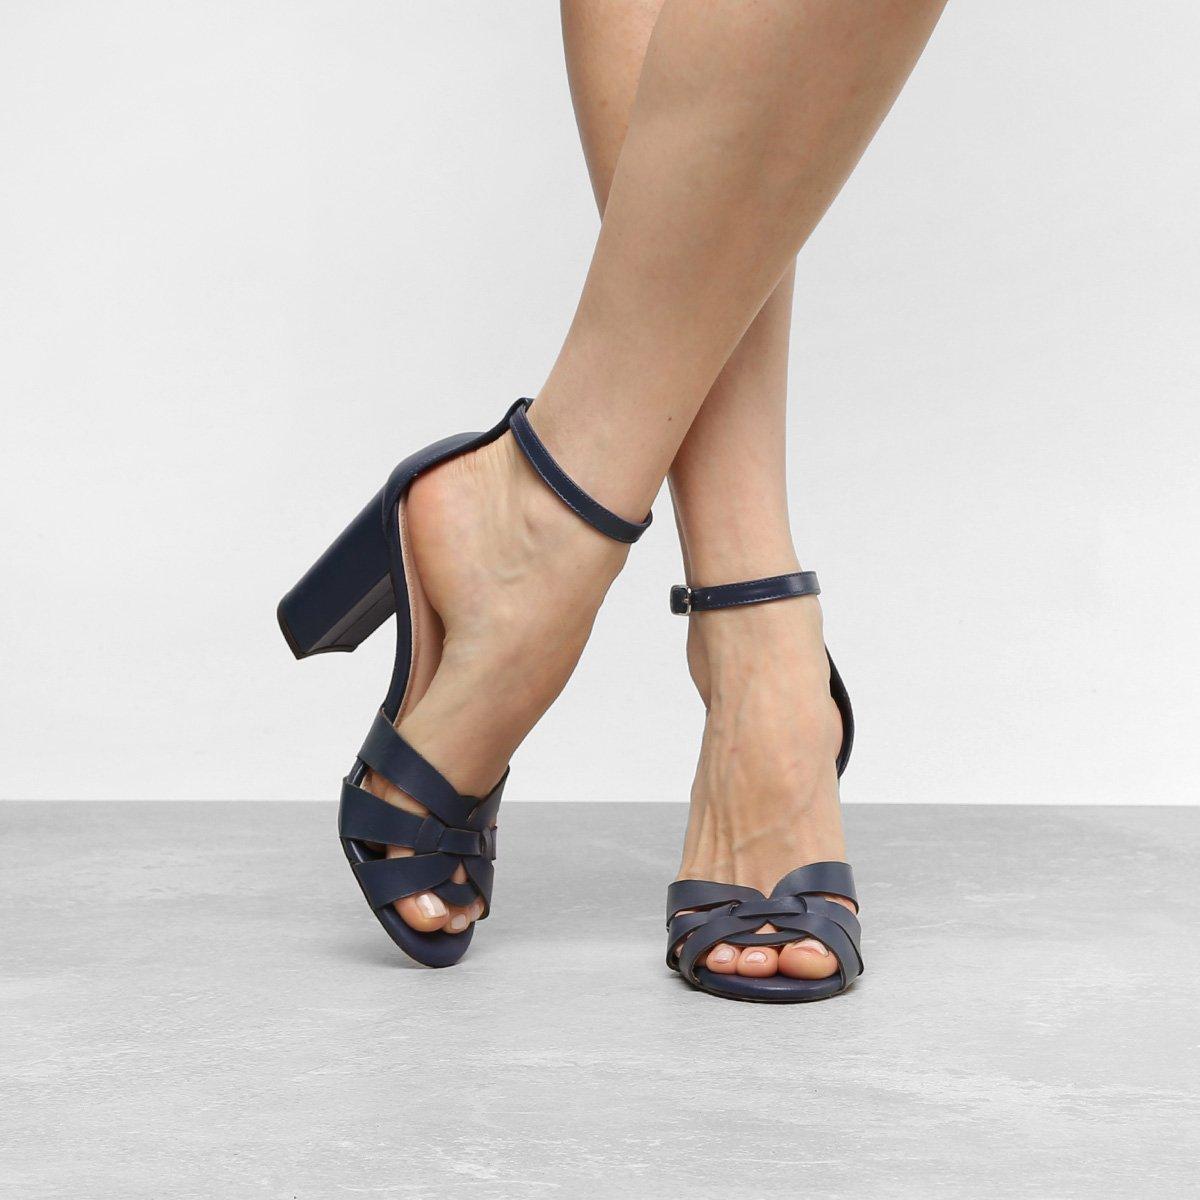 23e4d36222 Sandália Couro Shoestock Salto Grosso Feminina - Compre Agora ...